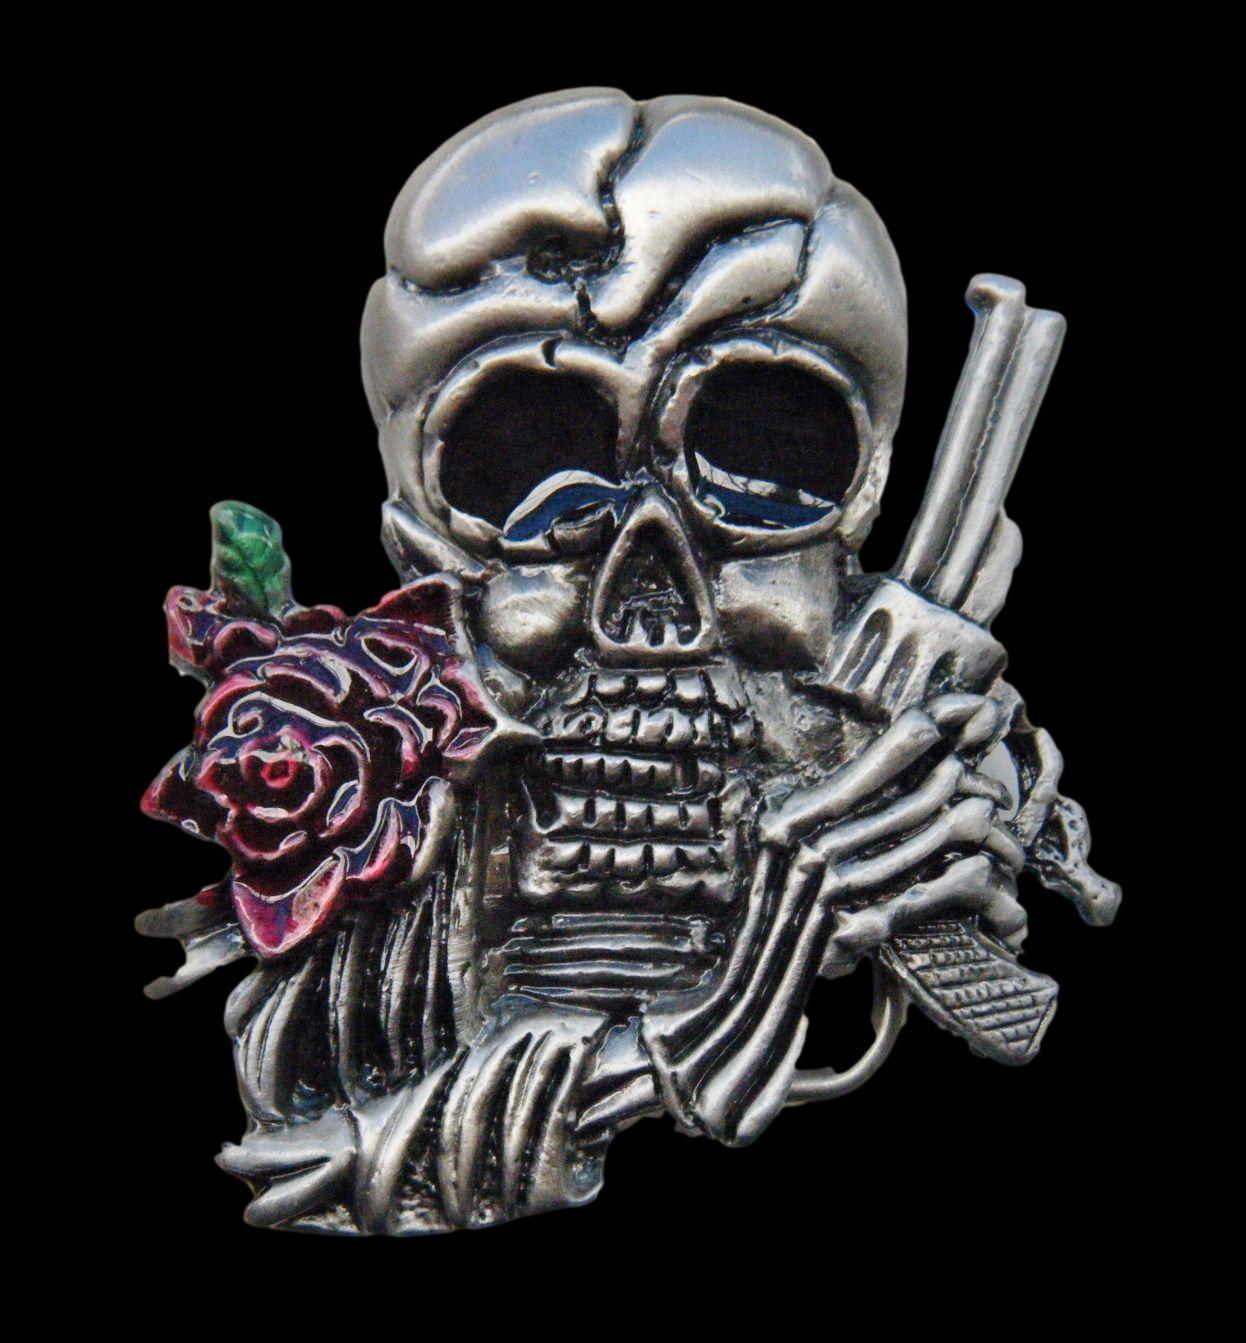 Guns n roses Skull, Skull belt buckle, Skulls and roses